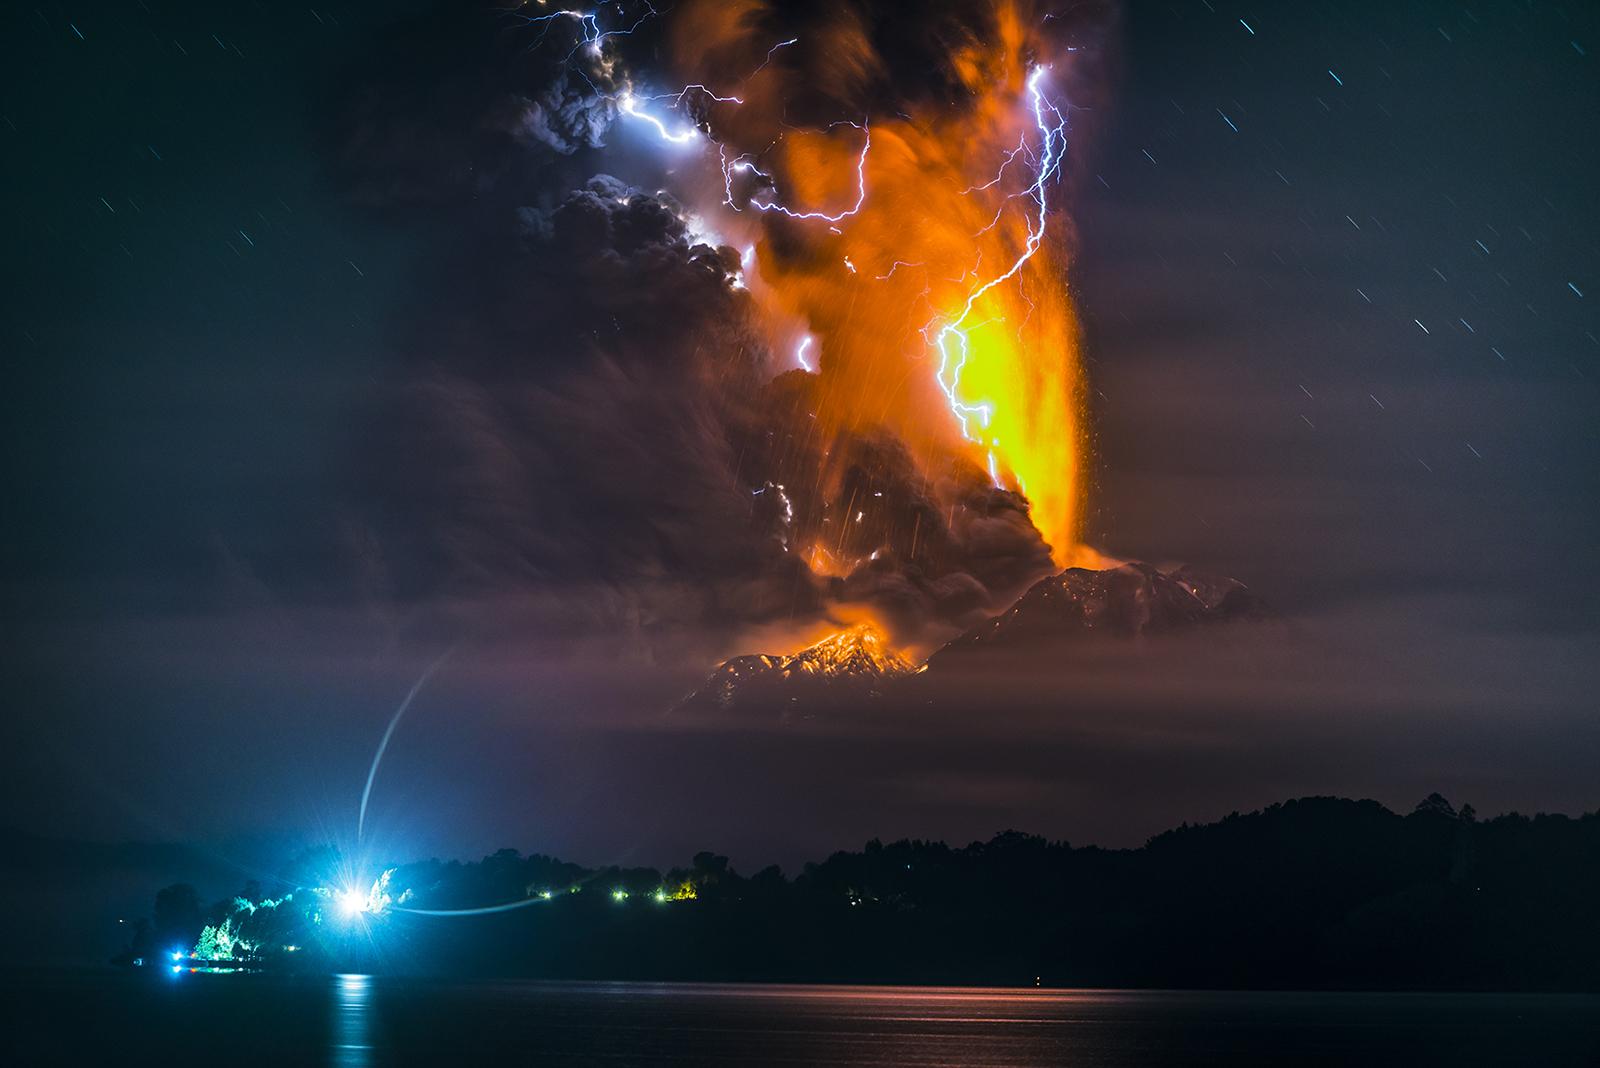 Wonderful Volcanic Smoke With Streaks of Lightning by Francisco Negroni 4 Wonderful Photography between Volcanic Smoke With Streaks of Lightning by Francisco Negroni